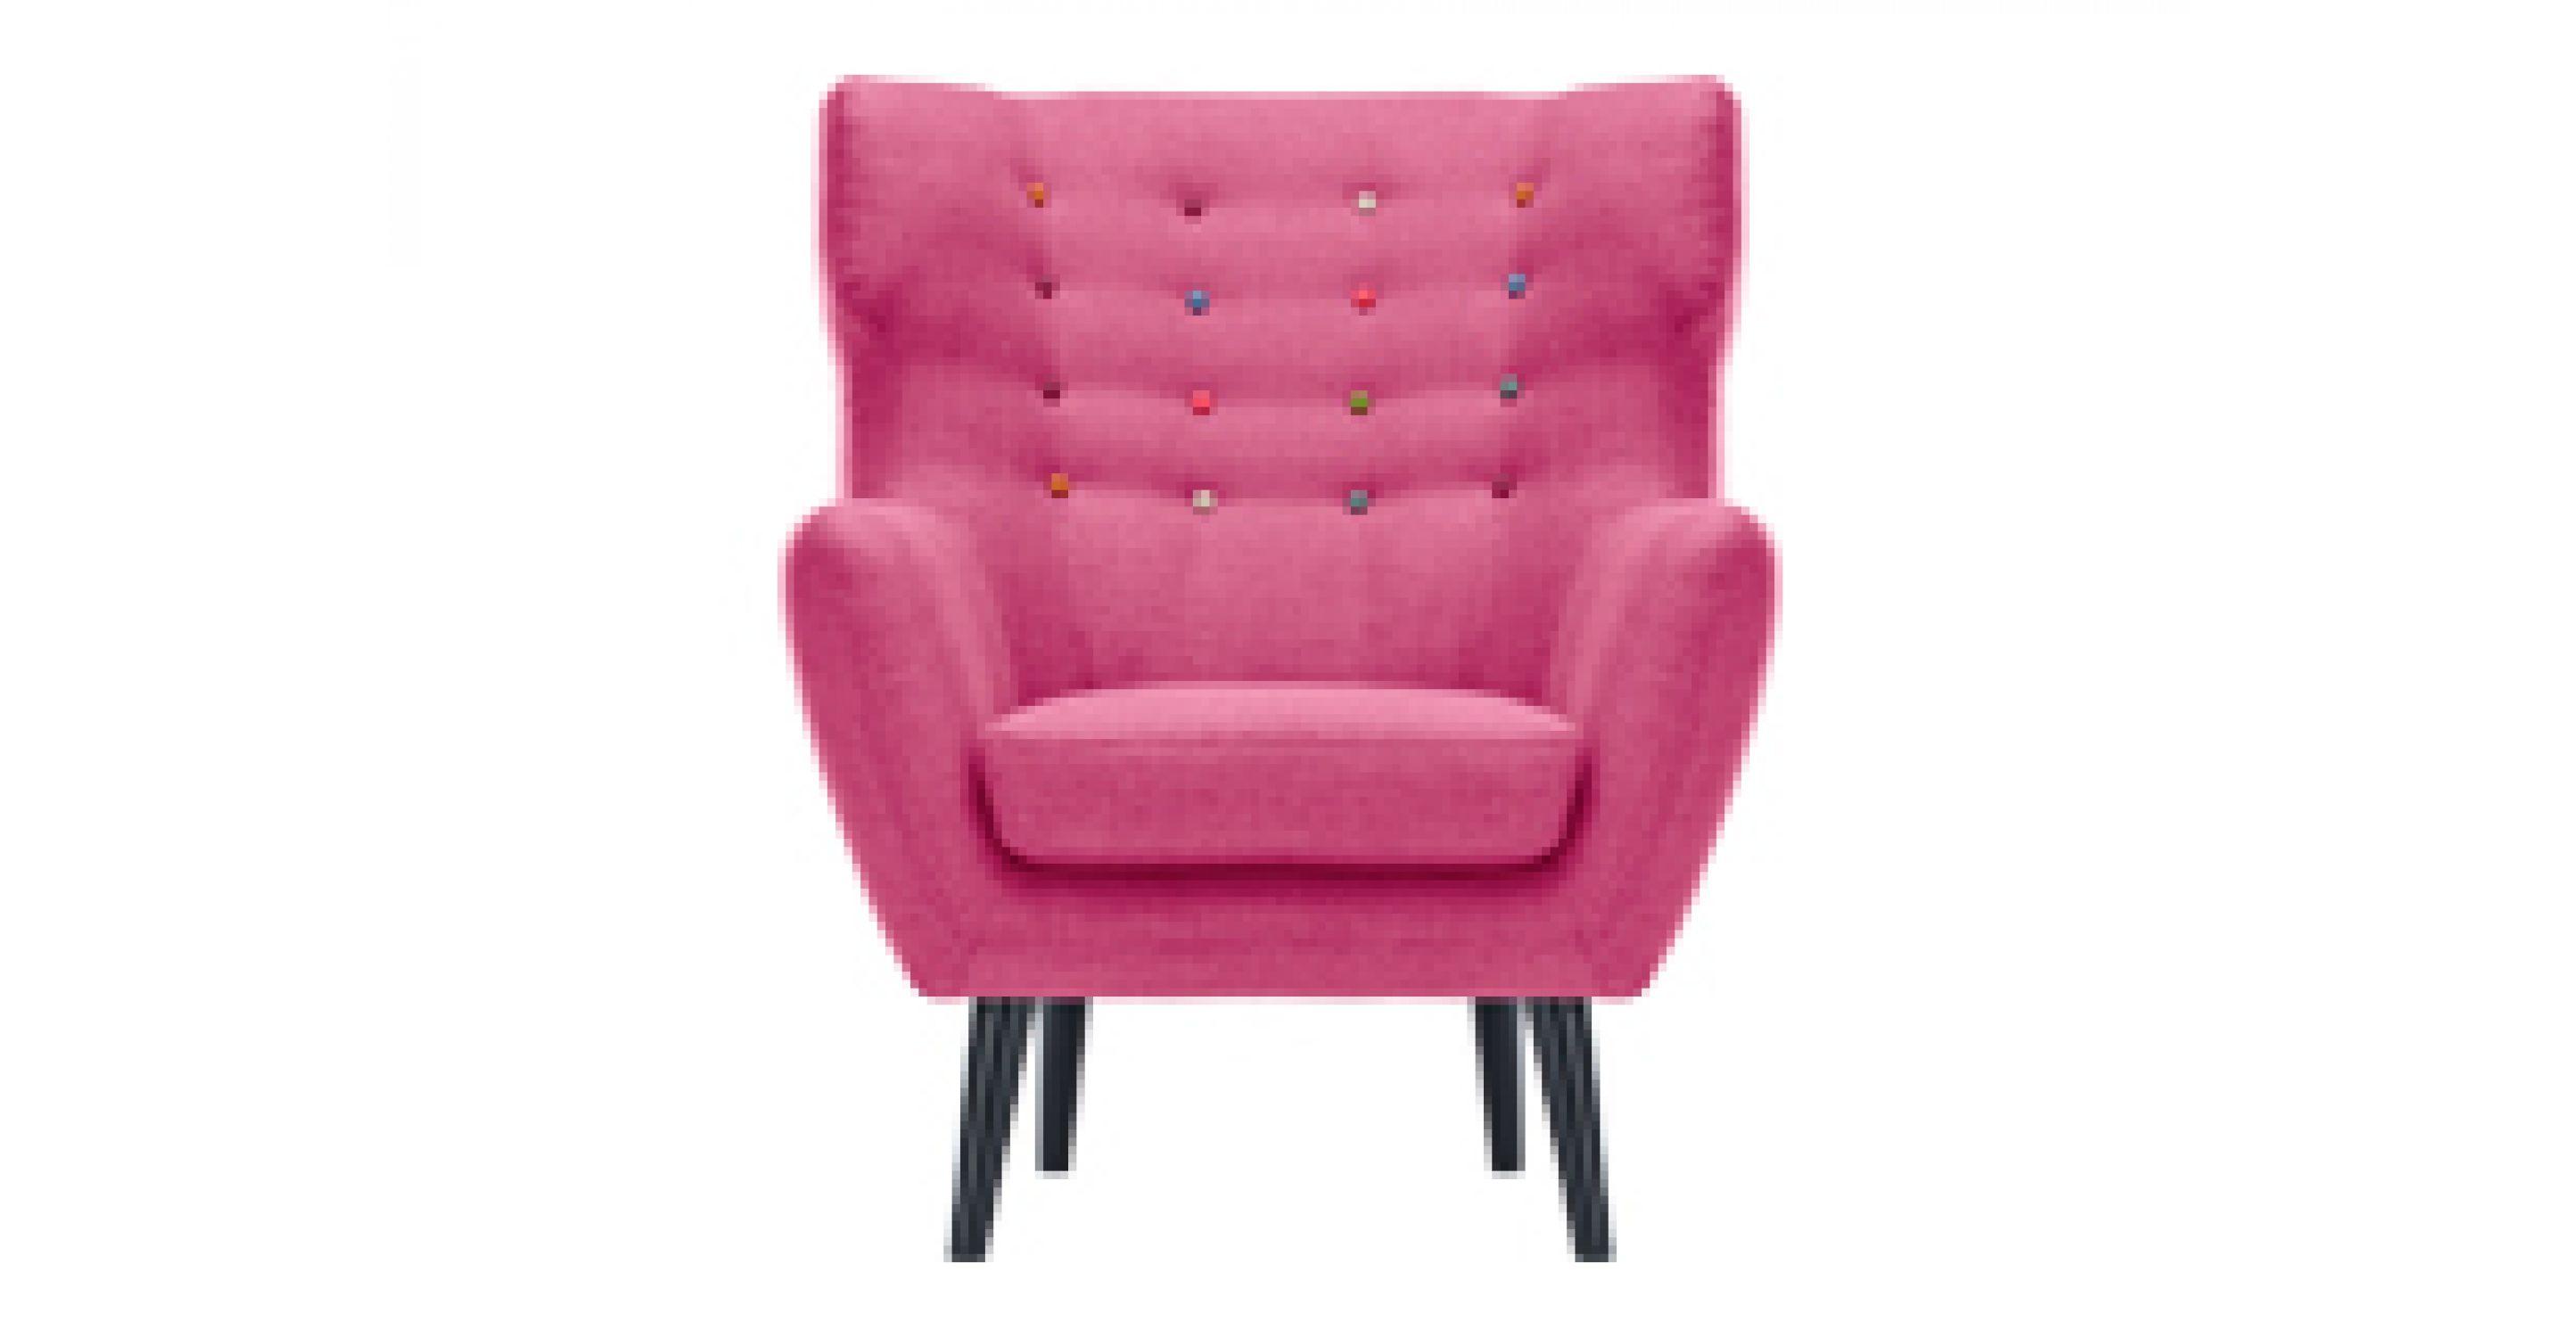 Poltrona da lettura kubrick color rosa pastello con bottoni